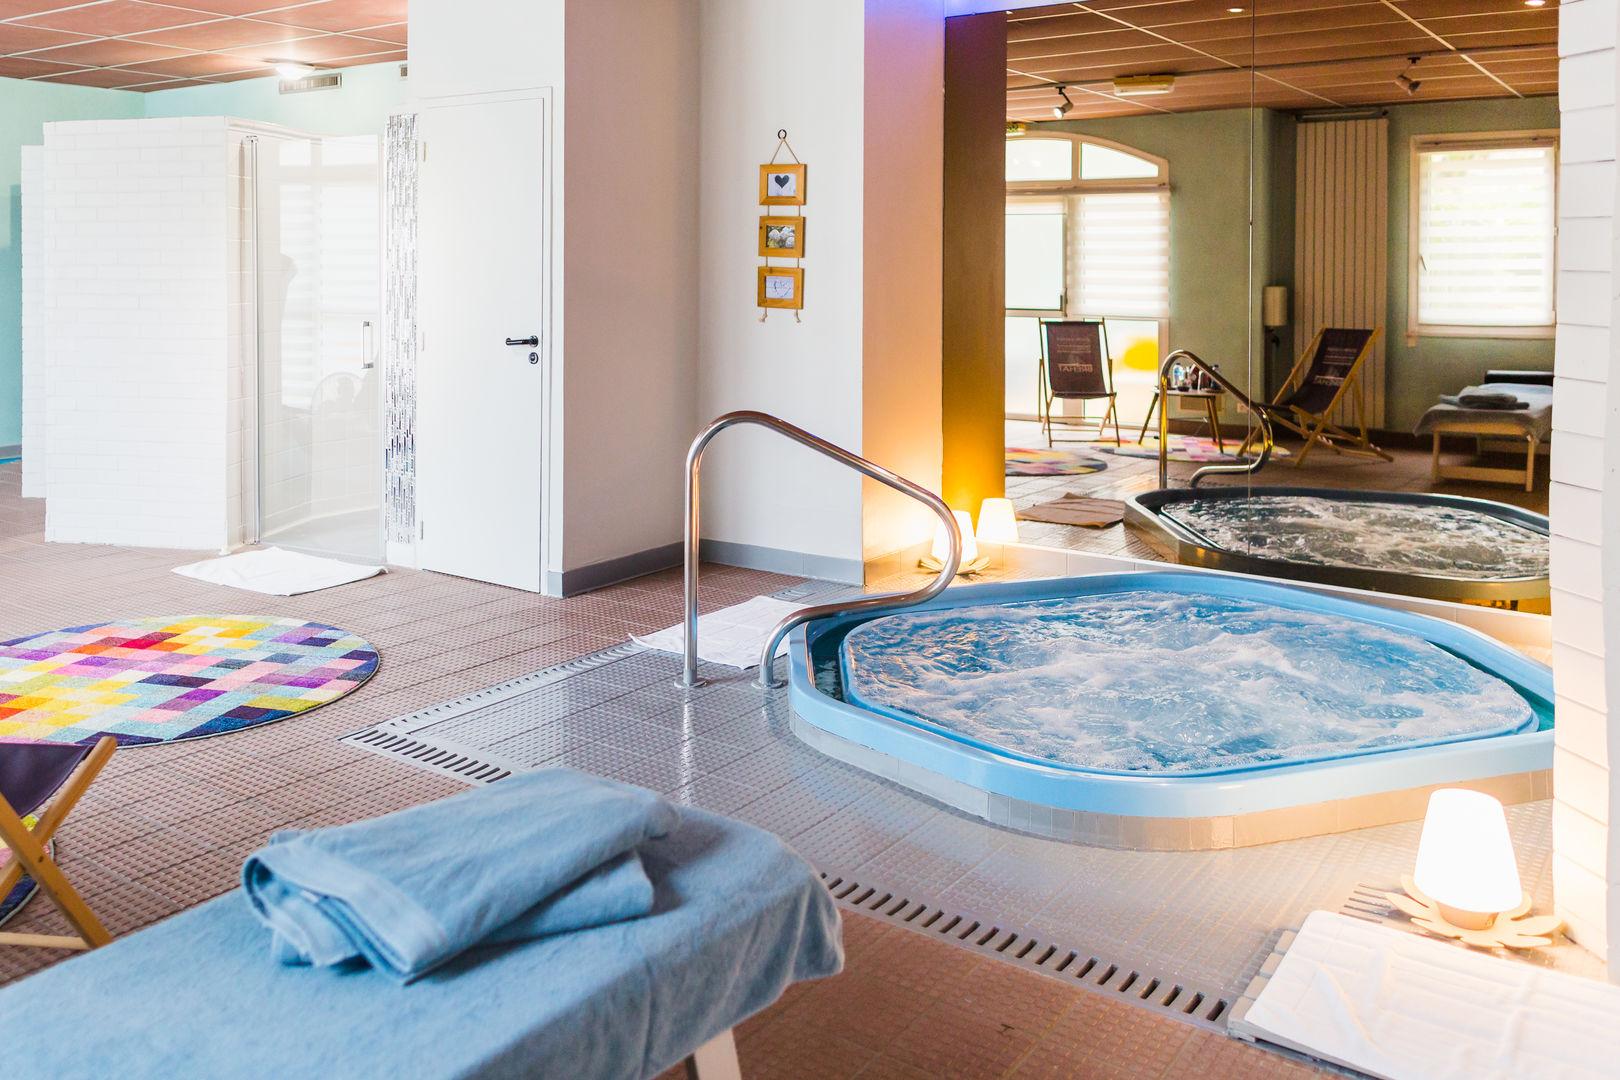 Hotel-Aigue-marine-2019--41----Spa-Jaccuzi-Douche-Reflet-transat-dans-miroir-2